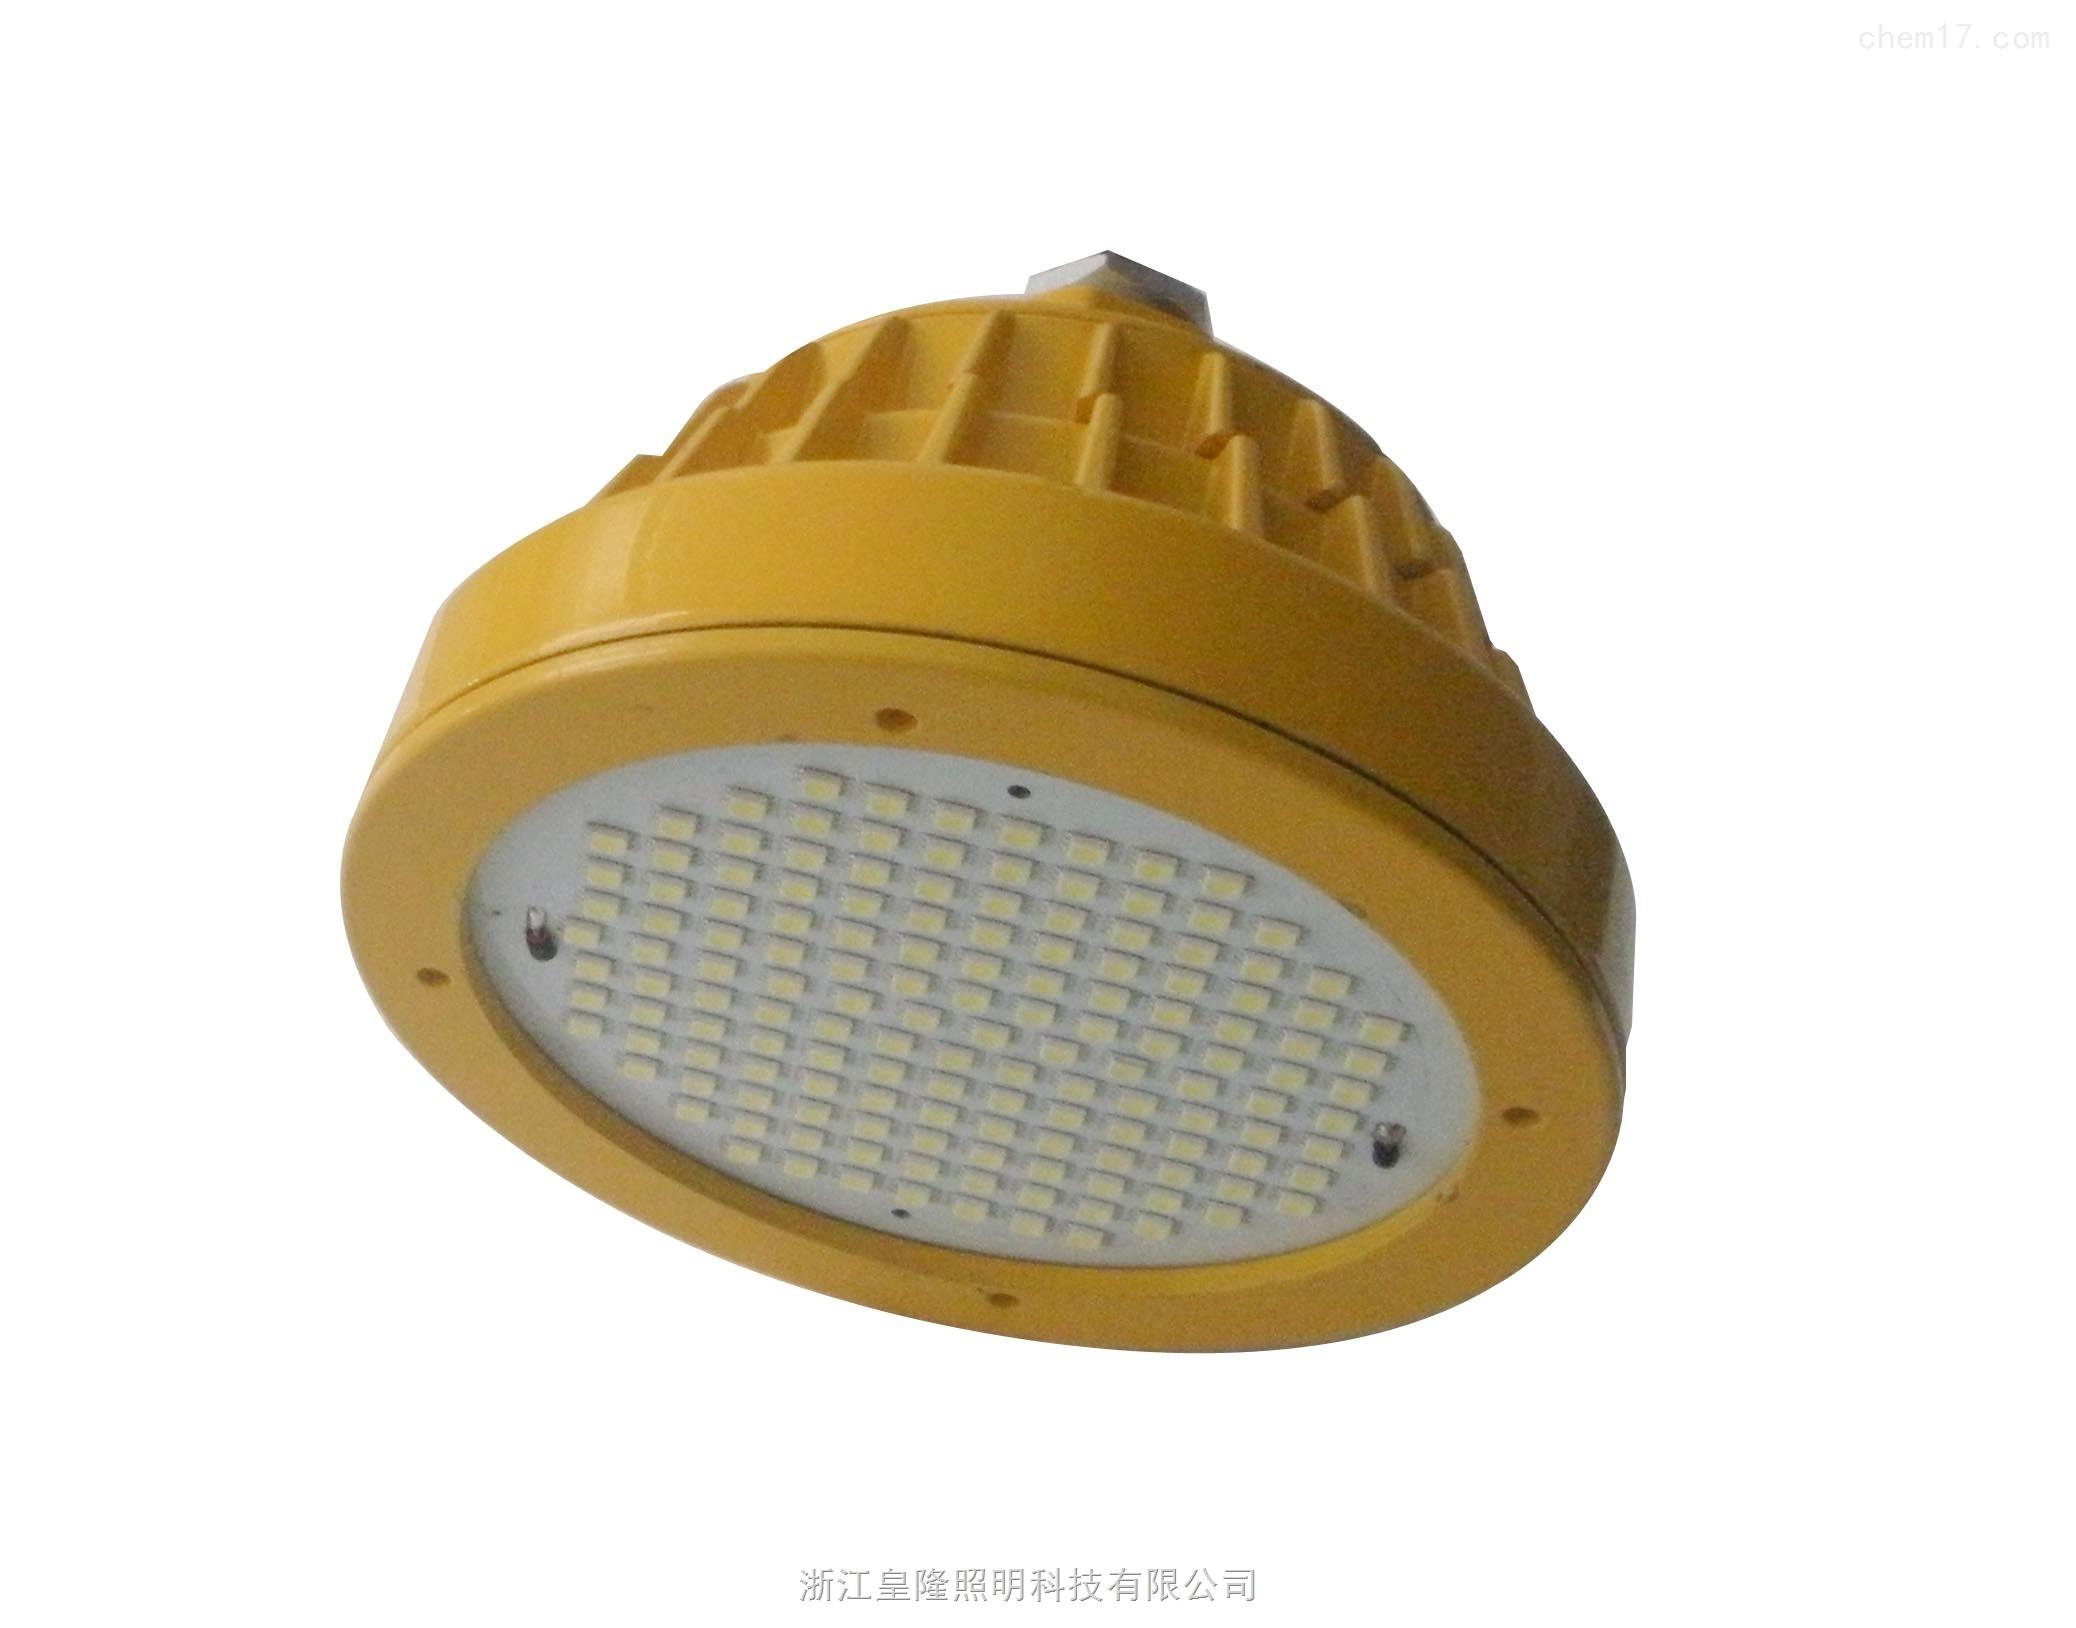 海洋王推荐产品BPC8720/分体式防爆平台灯